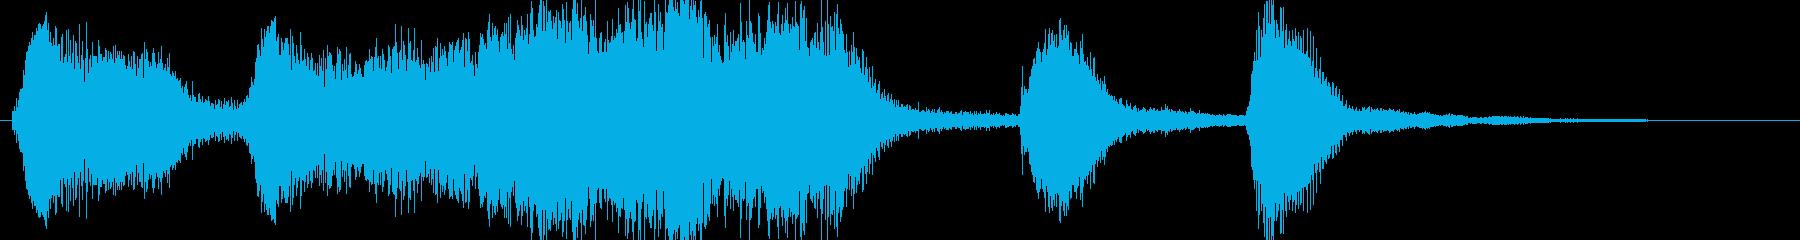 小編成のストリングスによる優雅なジングルの再生済みの波形